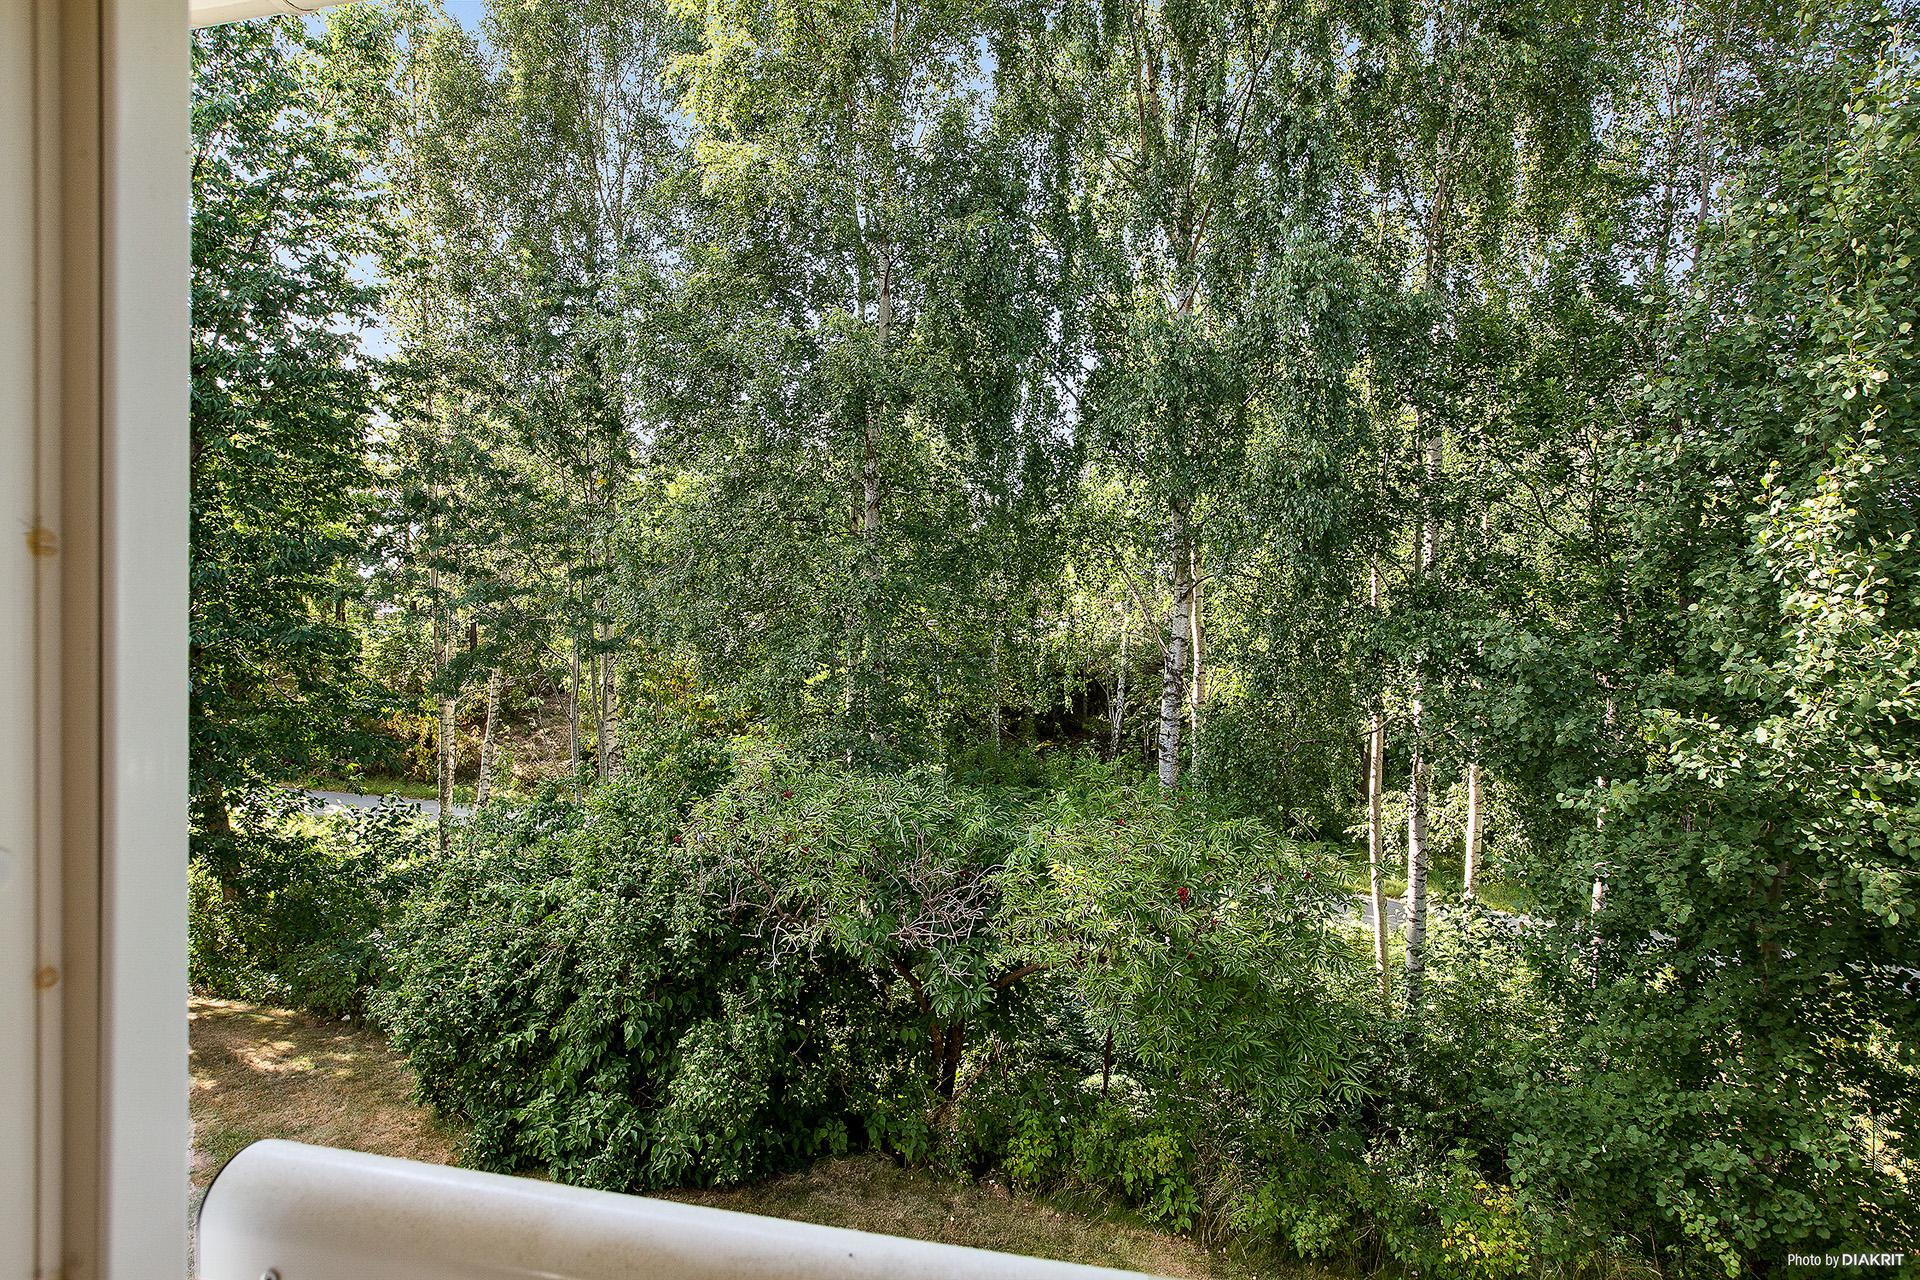 Härlig utsikt från den franska balkongen.